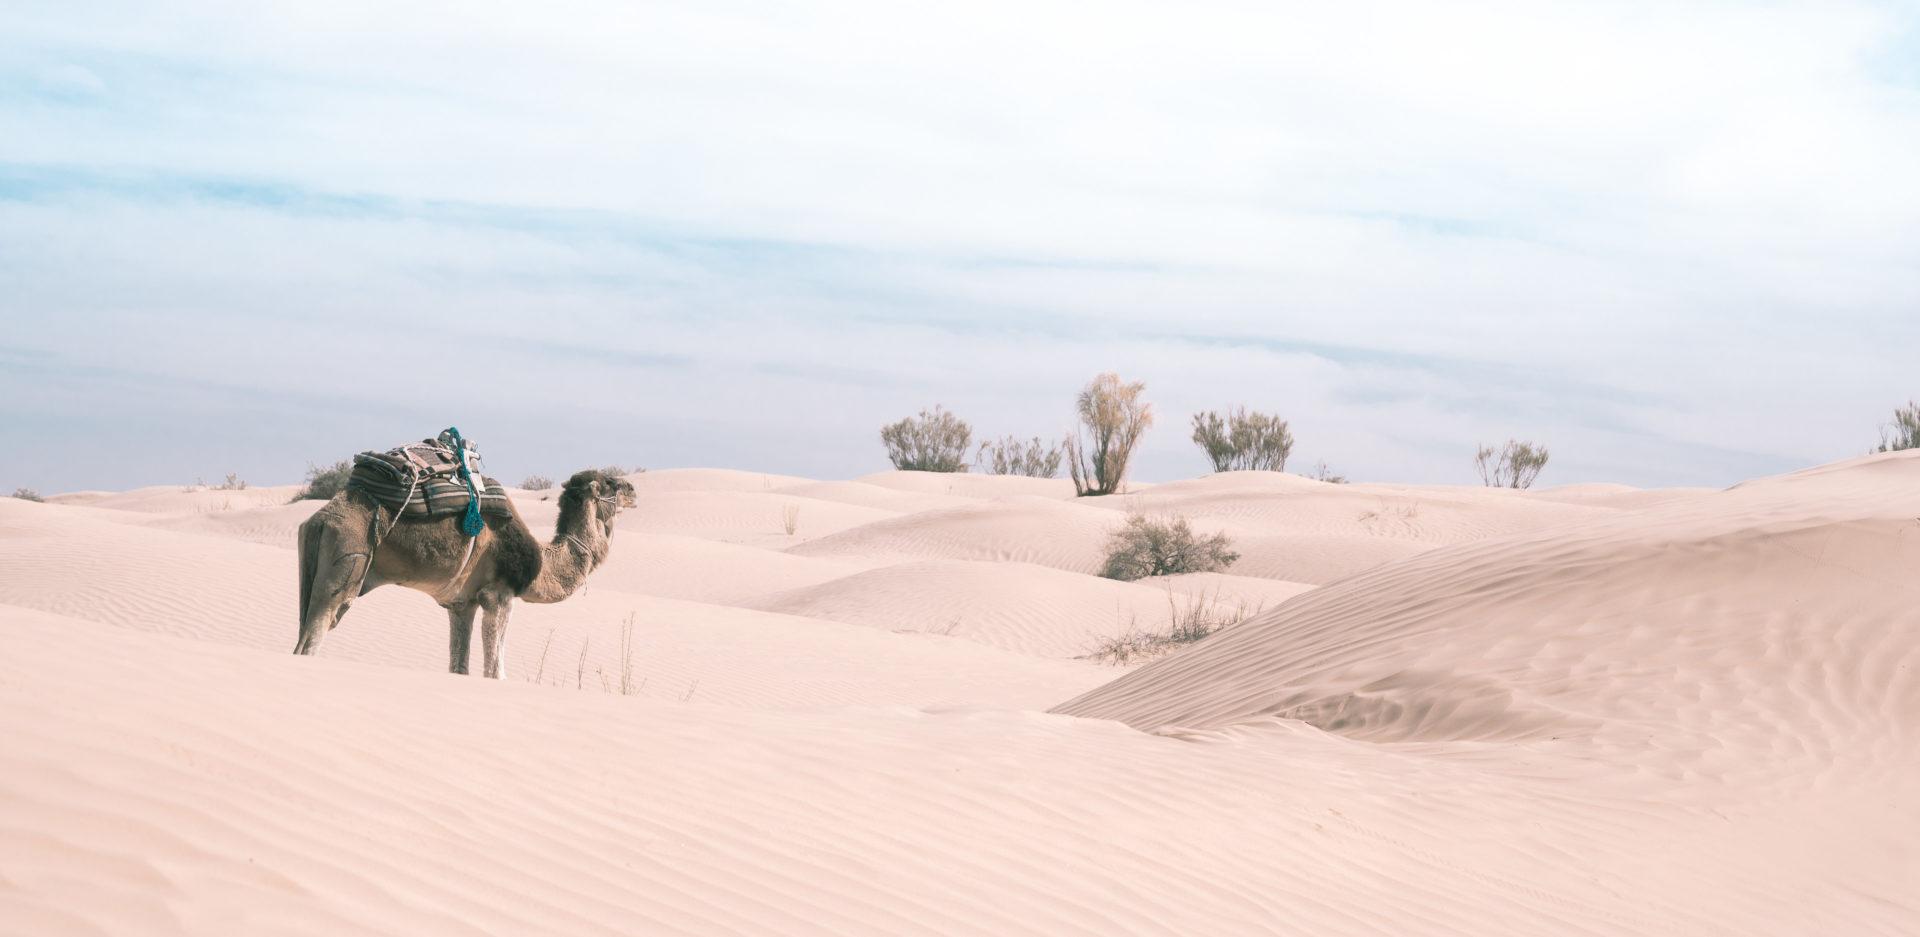 sahara tunisie rg 6075